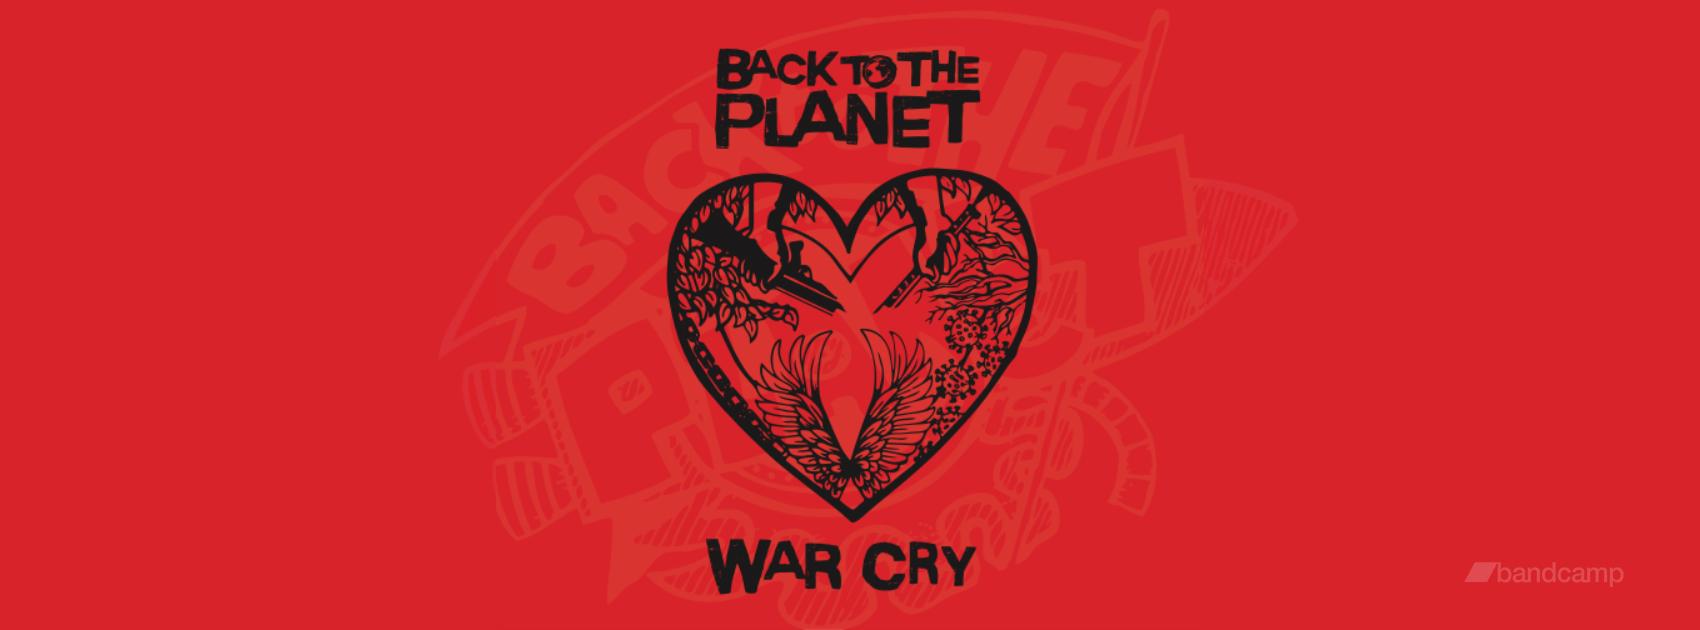 War Cry E.P. Previews Soundcloud